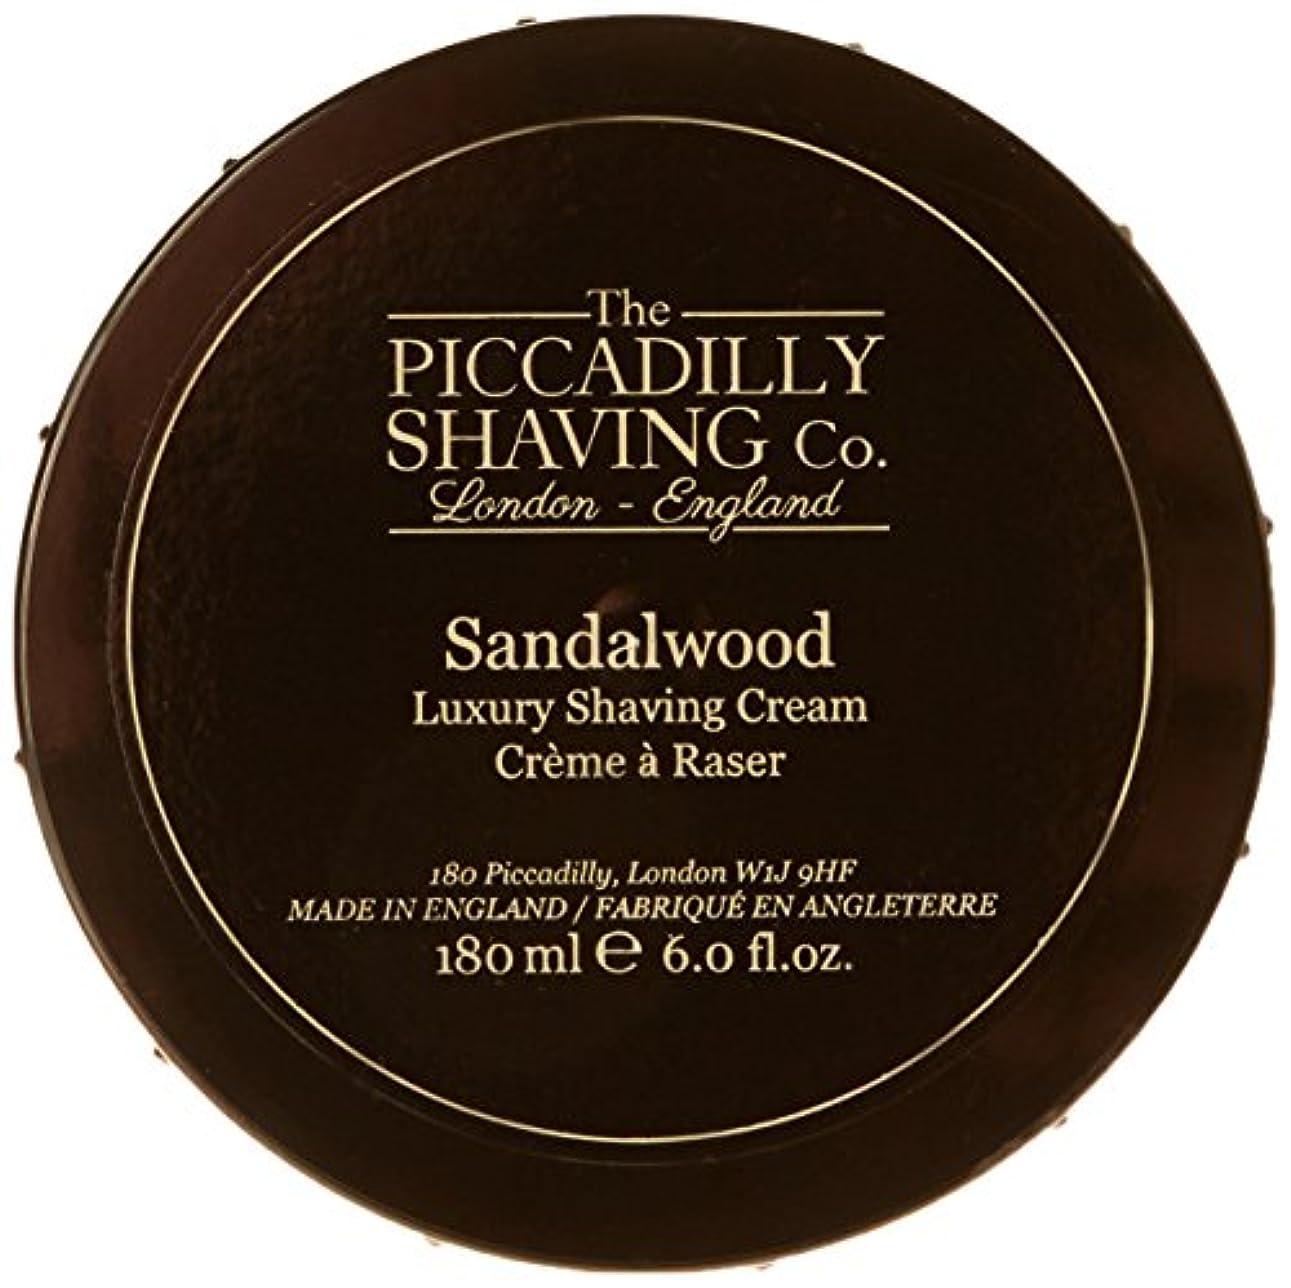 前進六分儀試すTaylor Of Old Bond Street The Piccadilly Shaving Co. Sandalwood Luxury Shaving Cream 180g/6oz並行輸入品